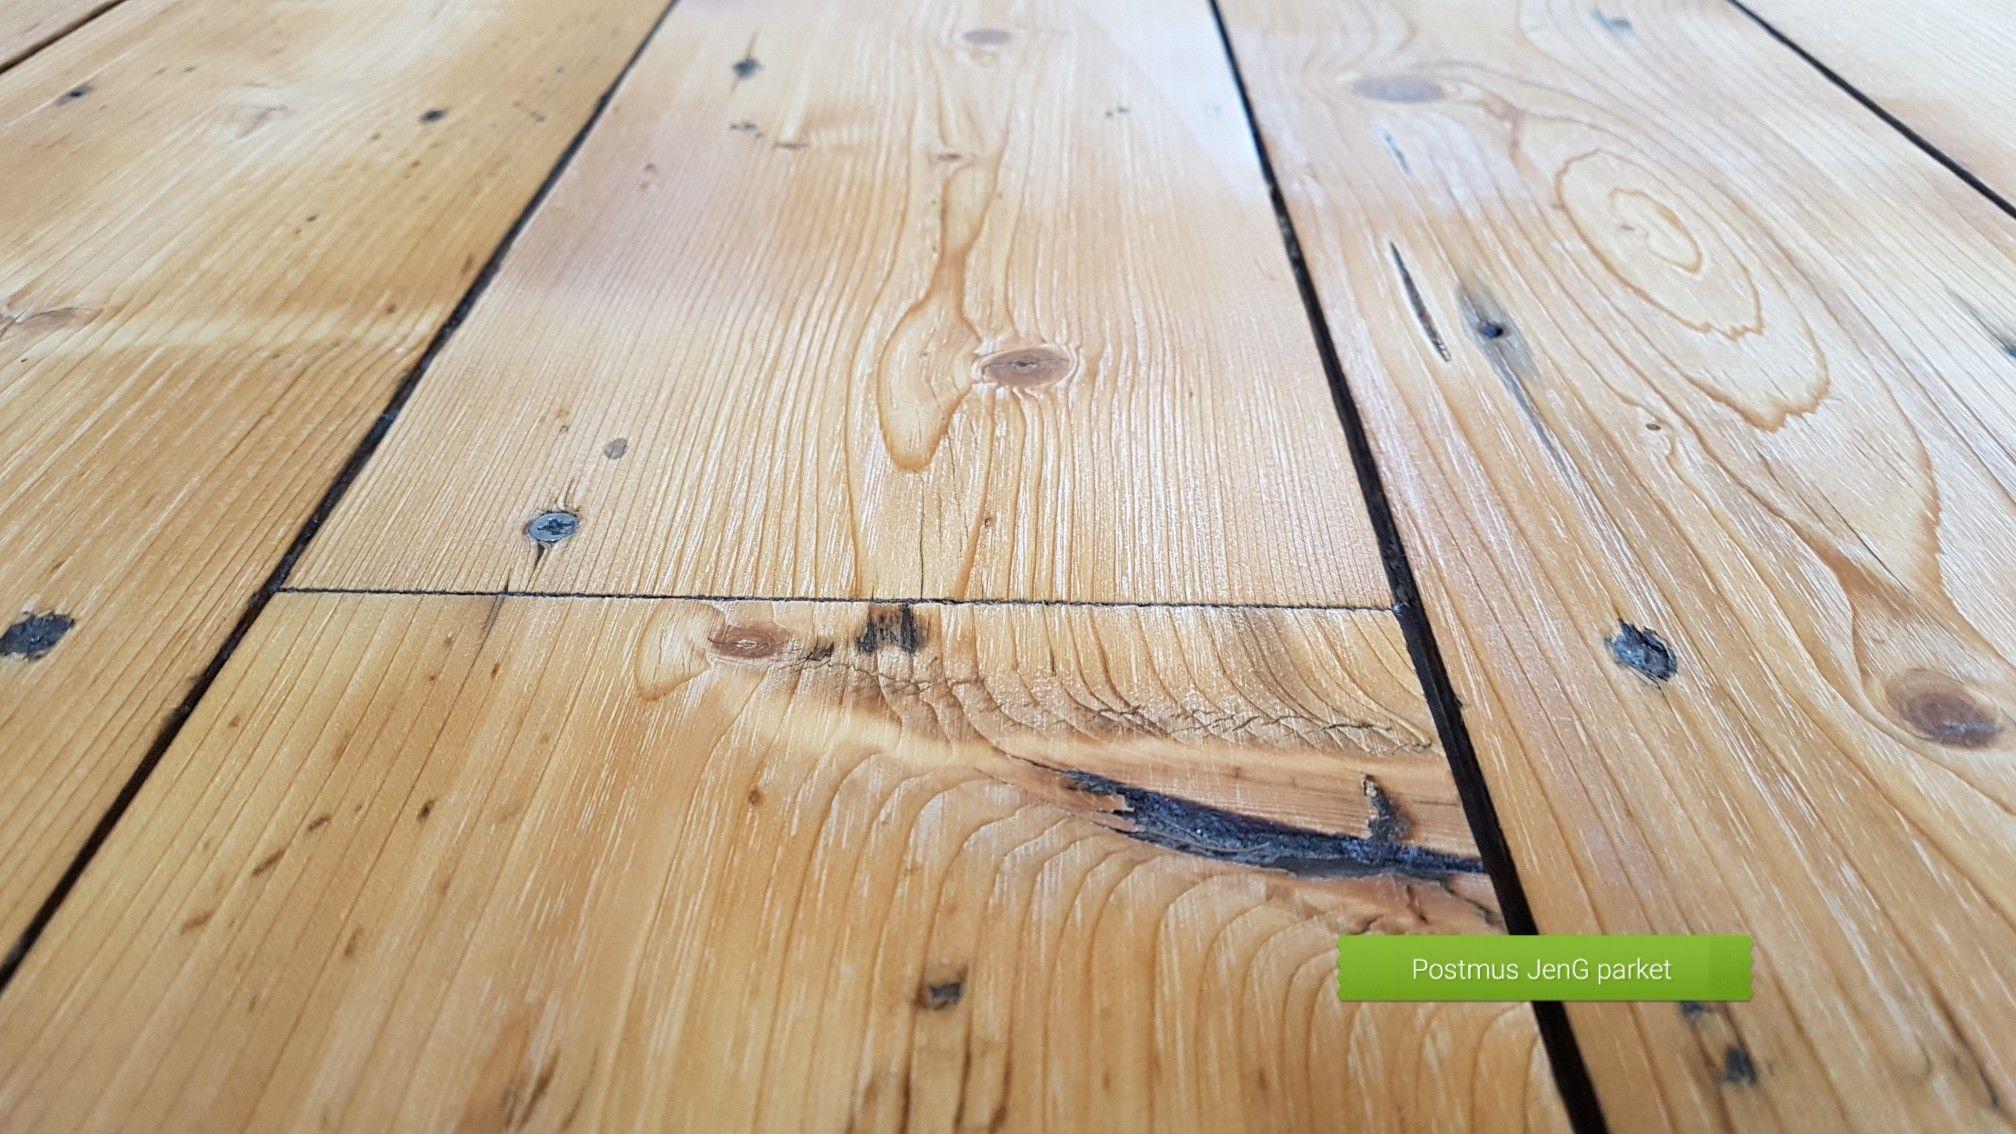 Witte Grenen Vloer : Gelakte grenen vloer wit verven: grenen vloer wit verven free with